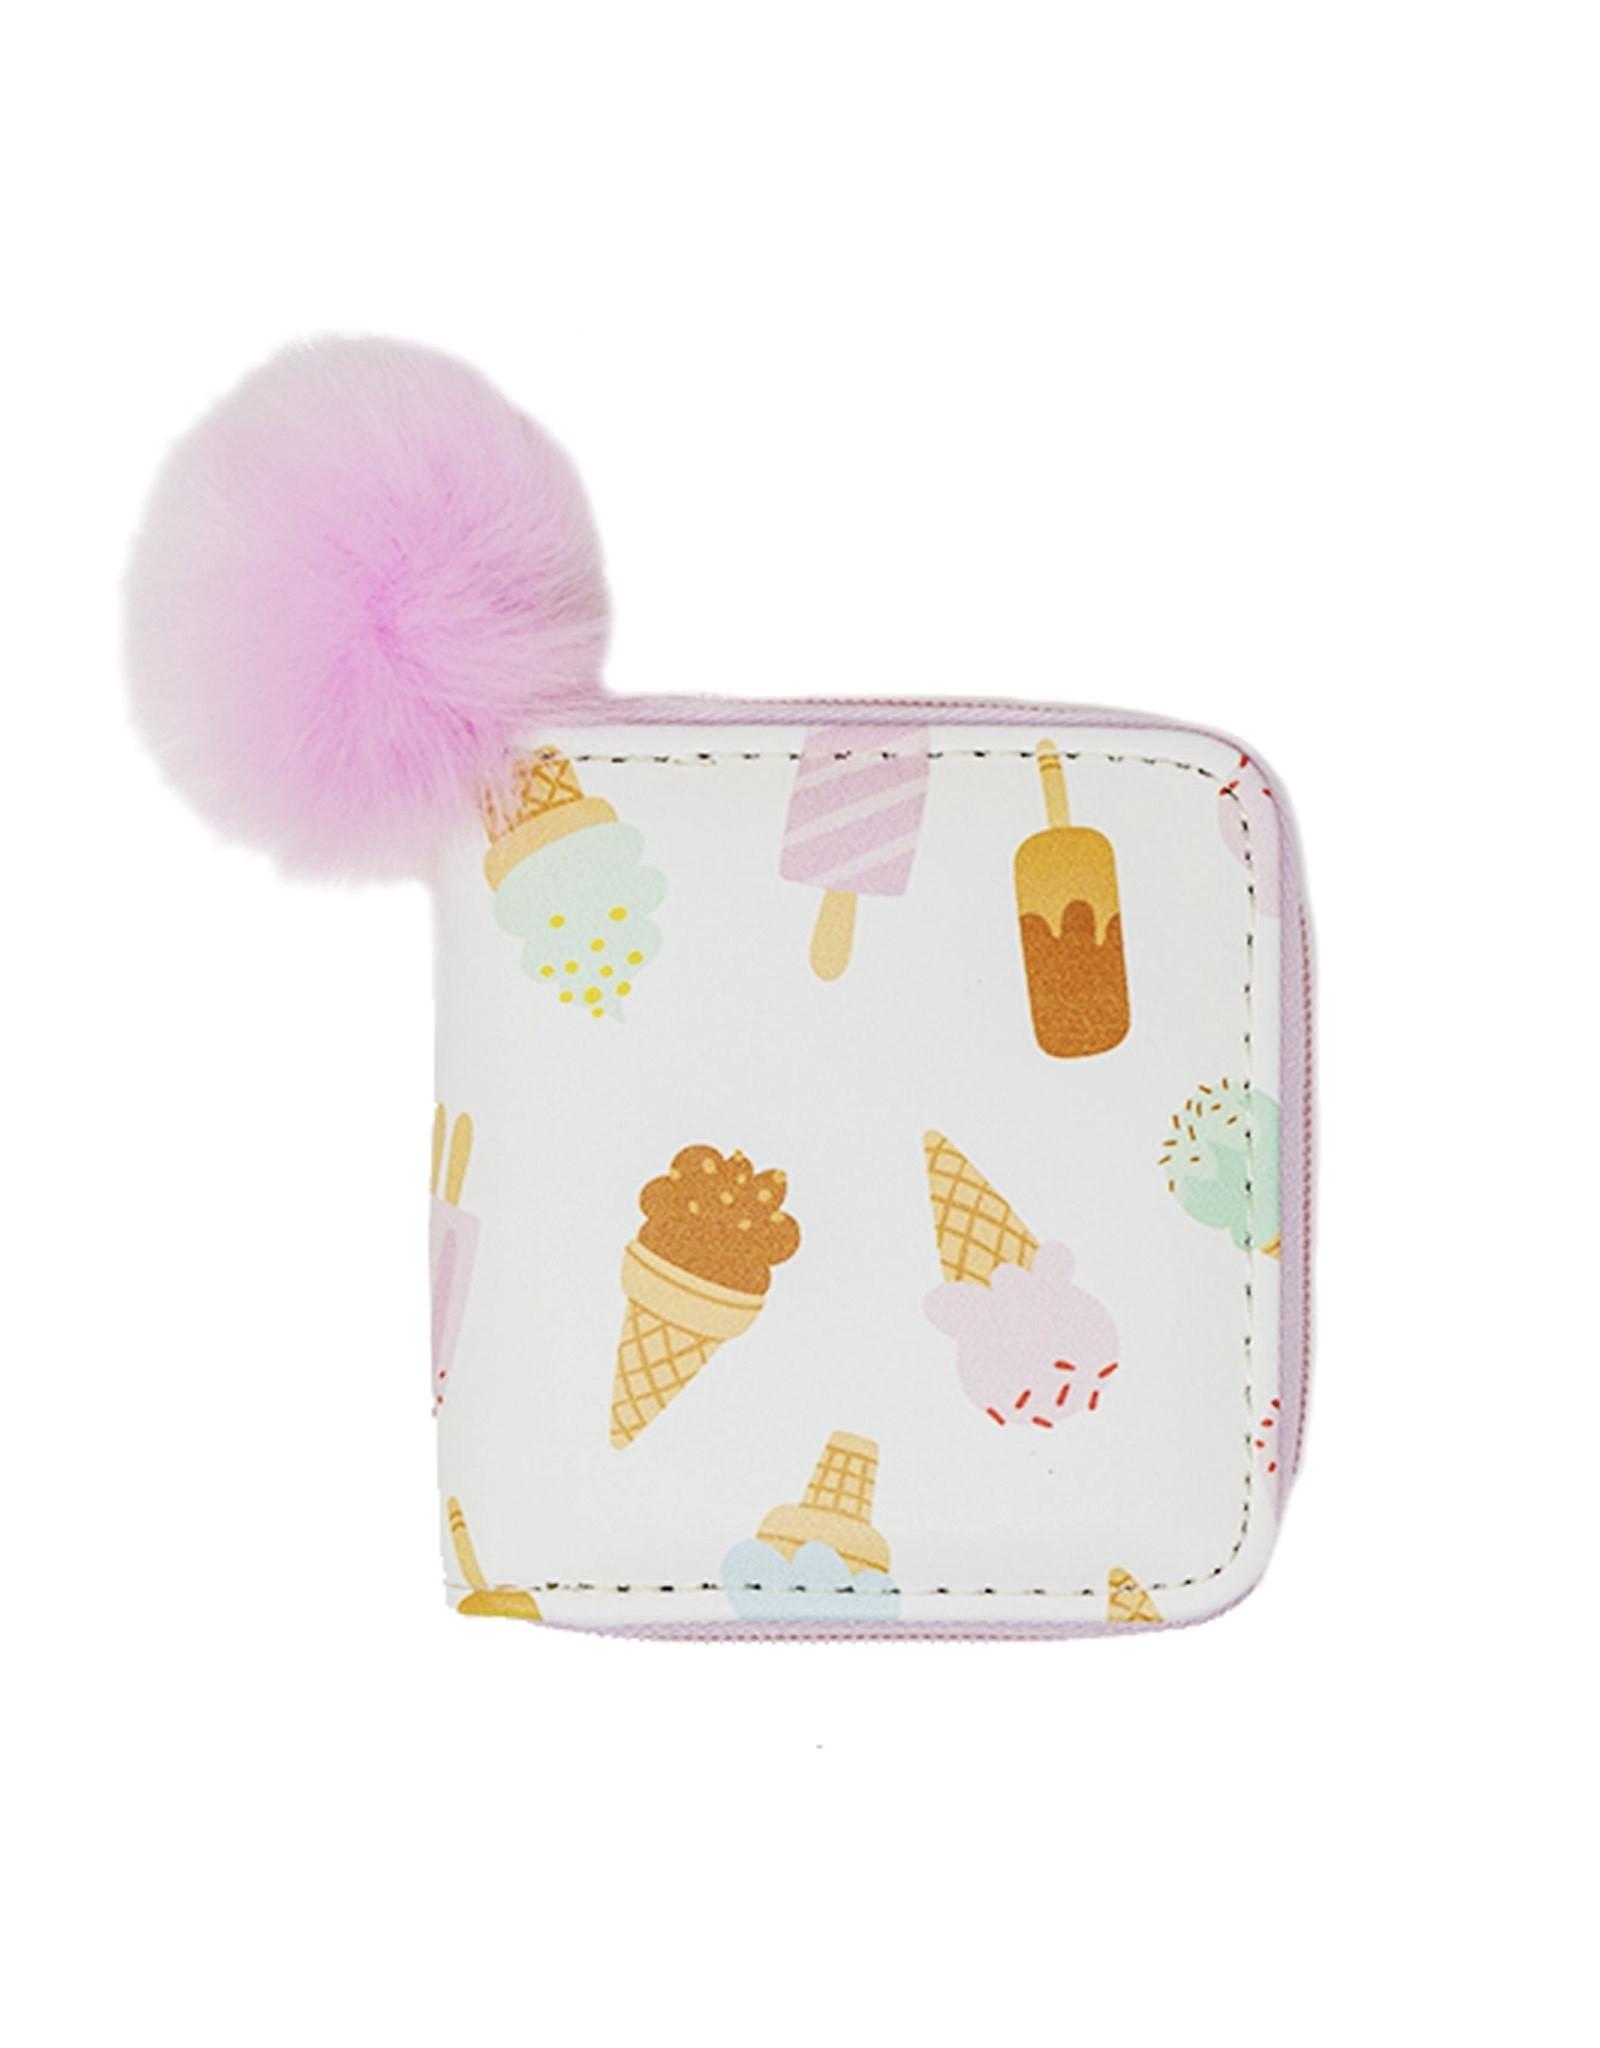 Tiny Treats & Zomi Gems Ice Cream Wallet